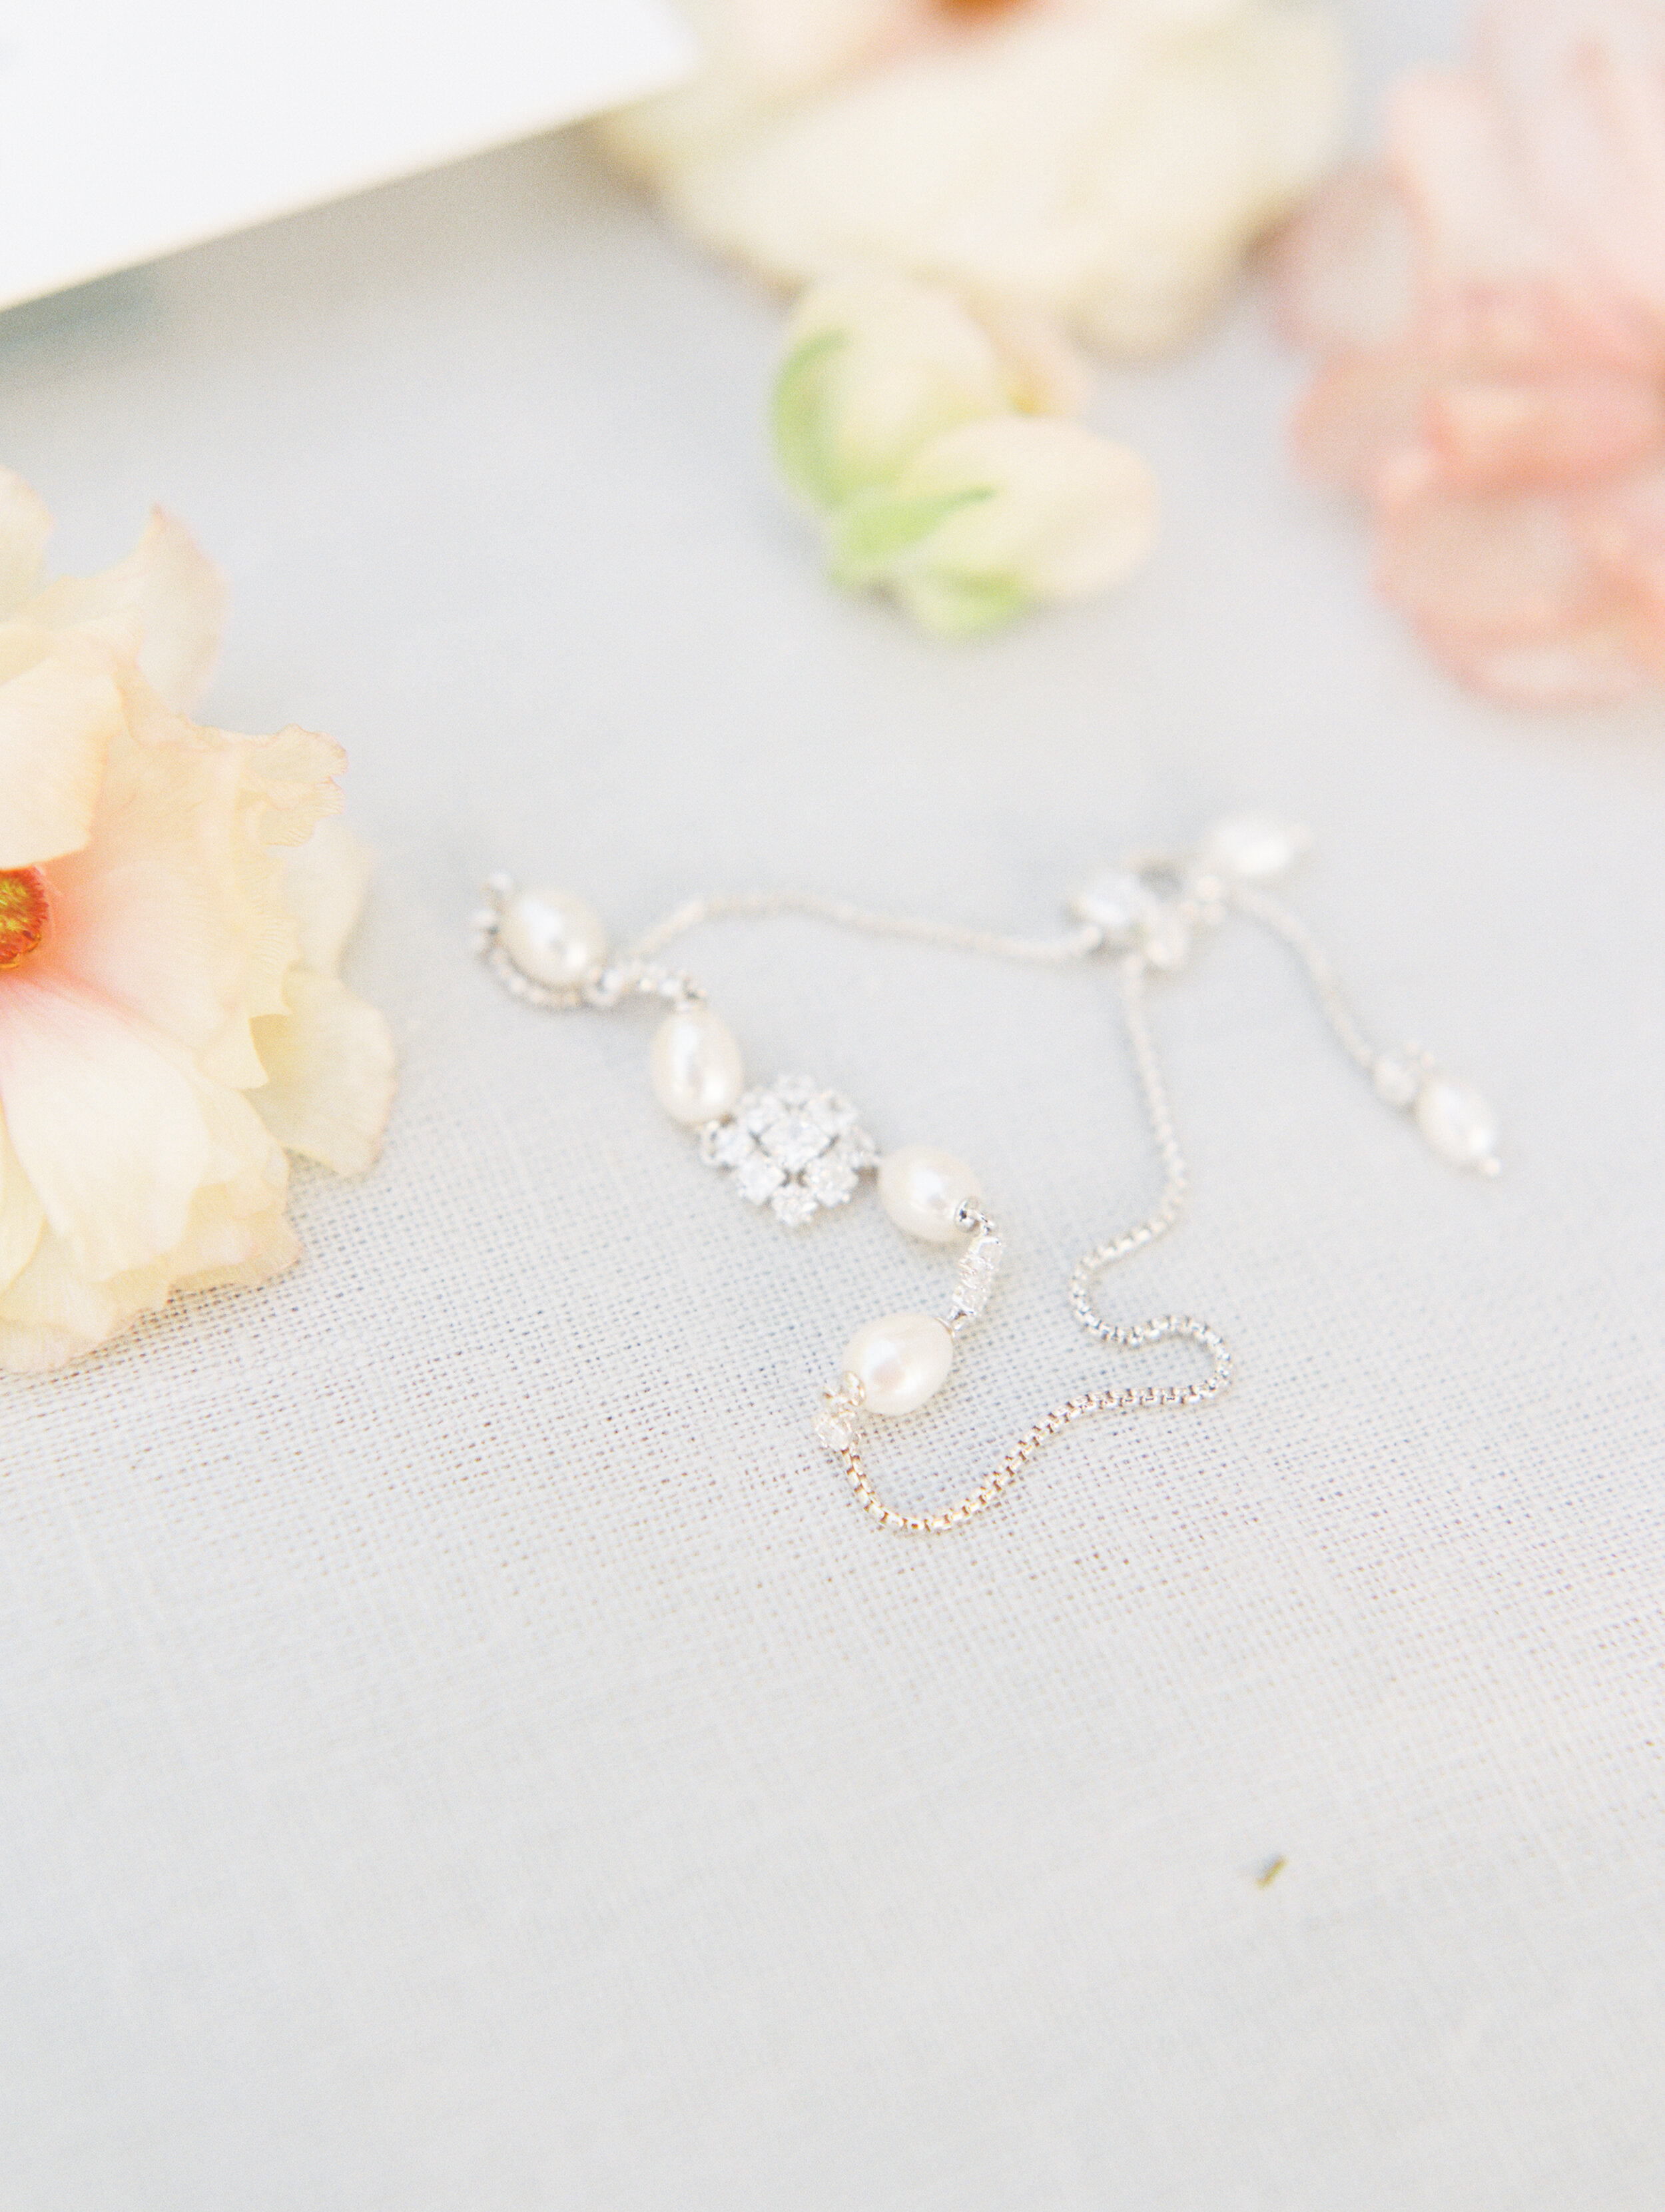 Steinlage+Wedding+Details-14.jpg